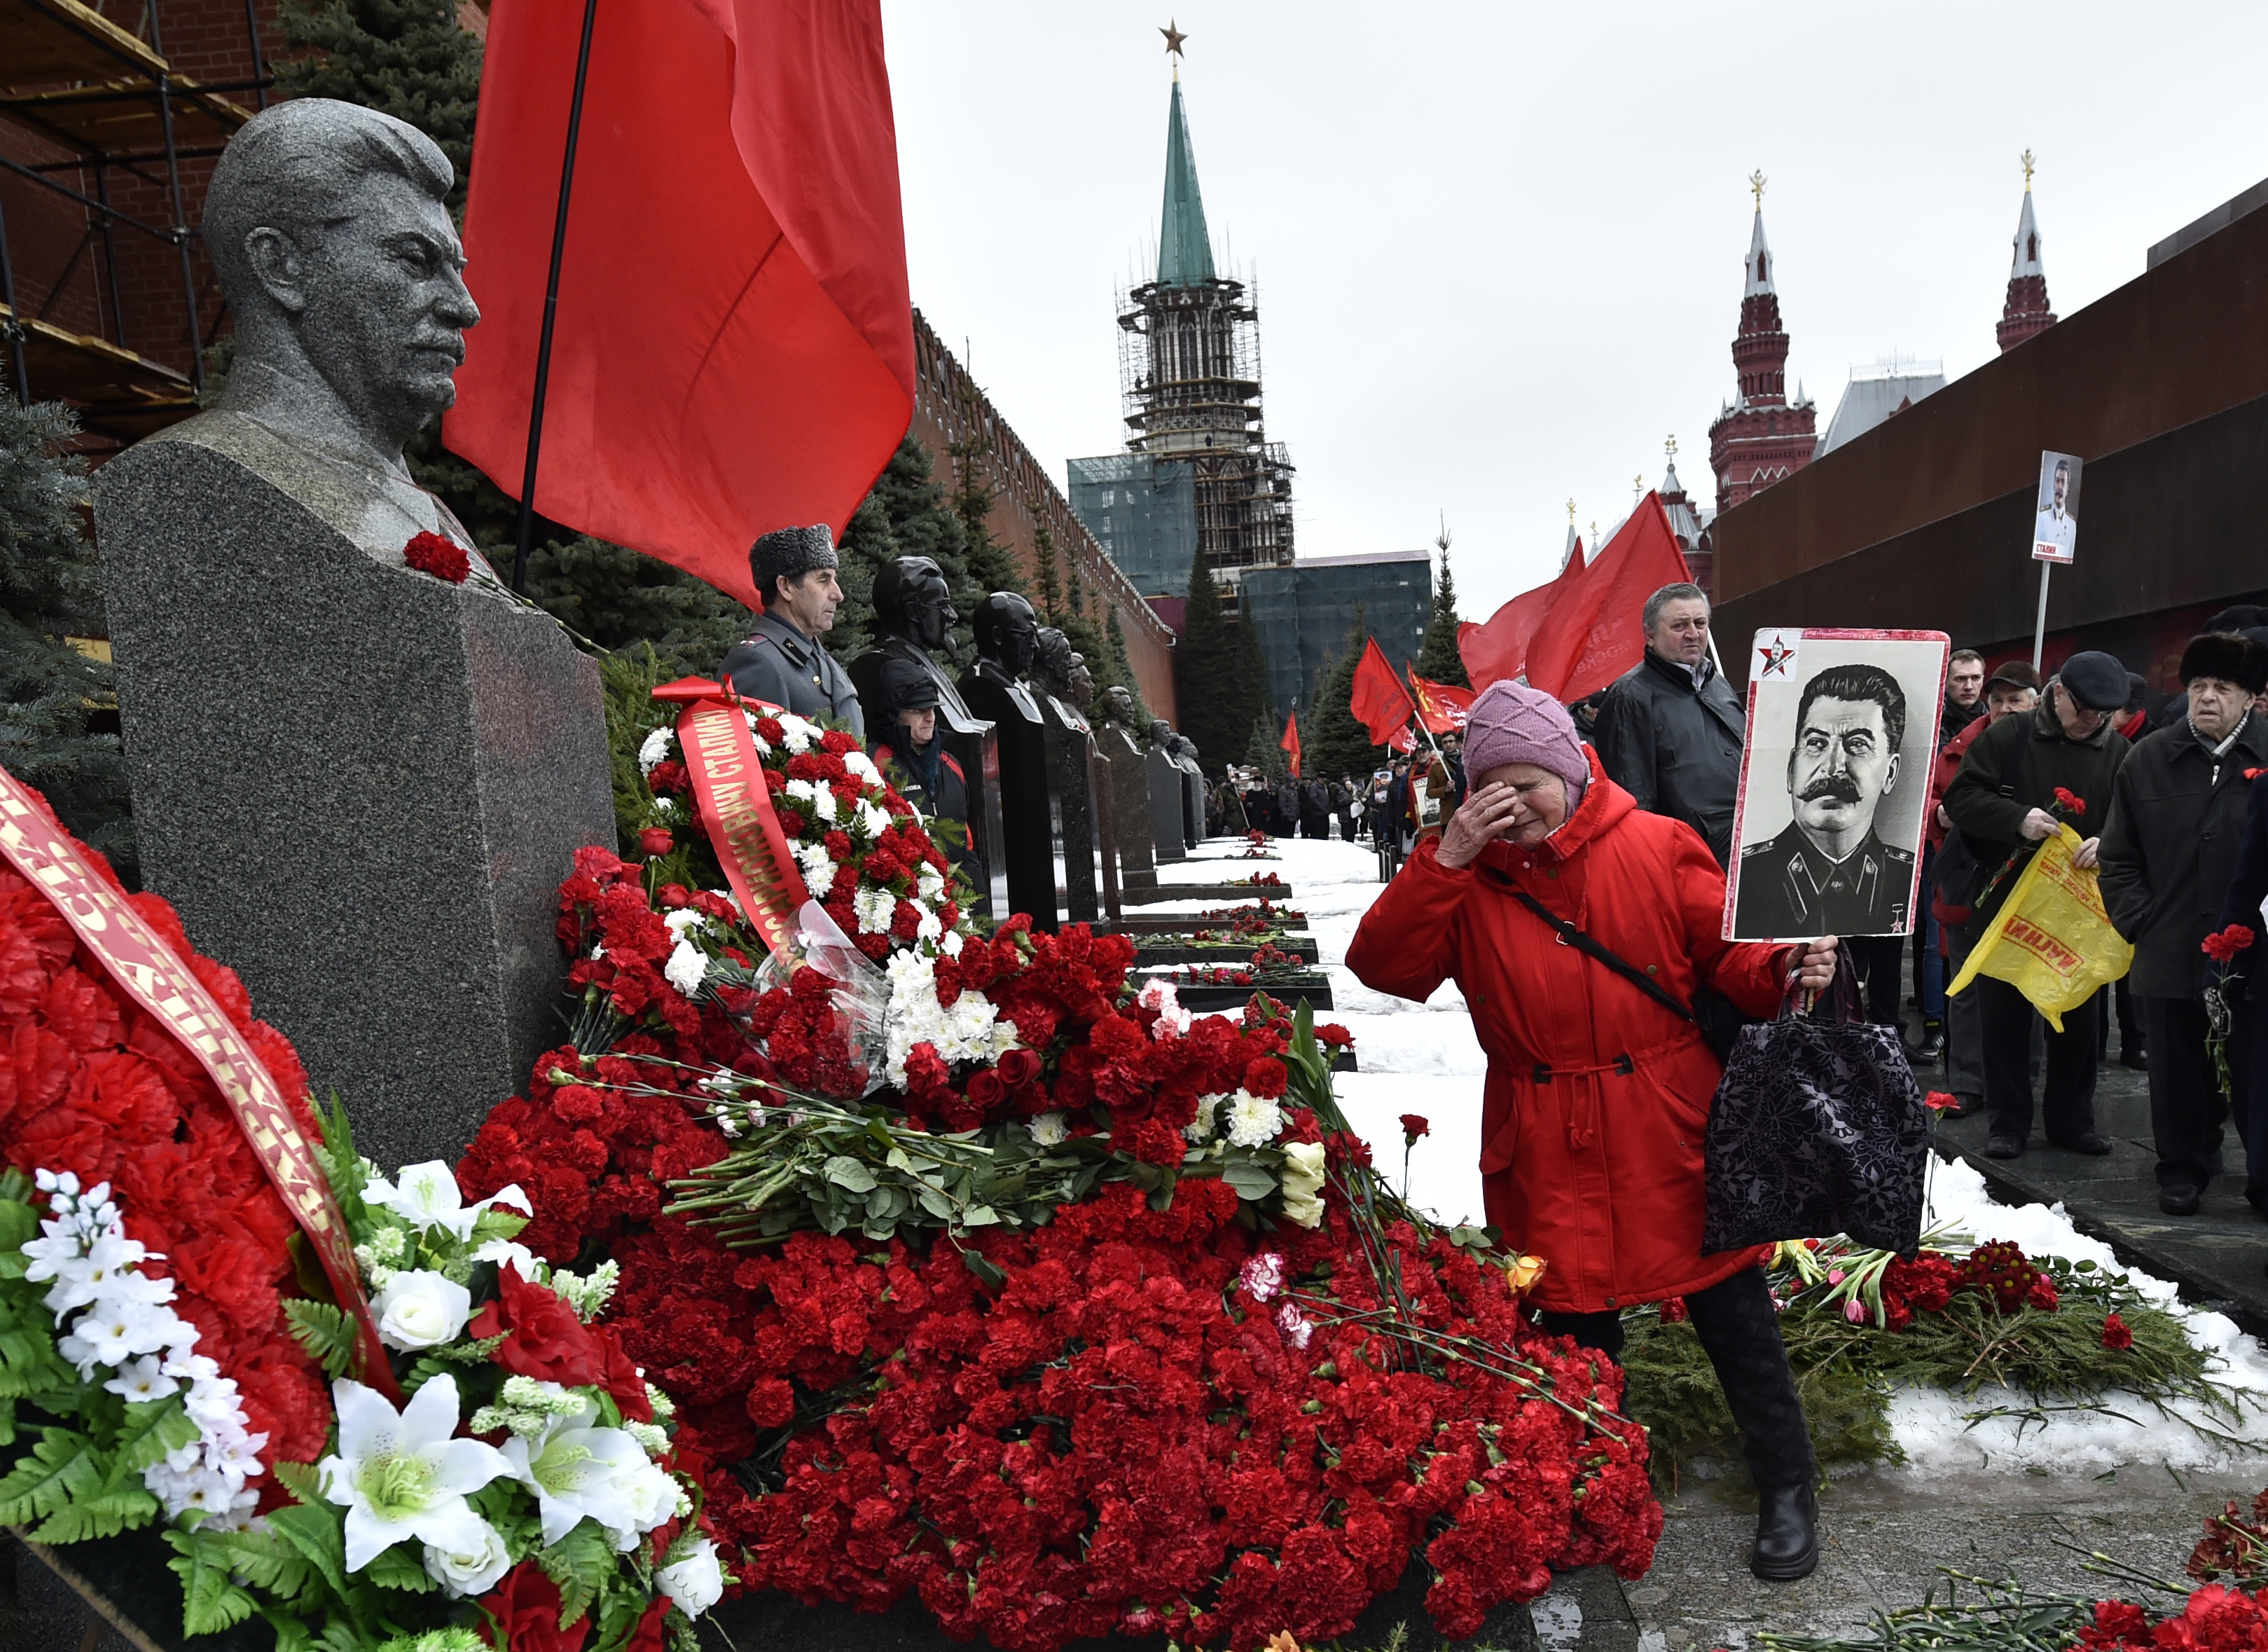 A szlovákiai Trencsén elvette Sztálintól a díszpolgári címet